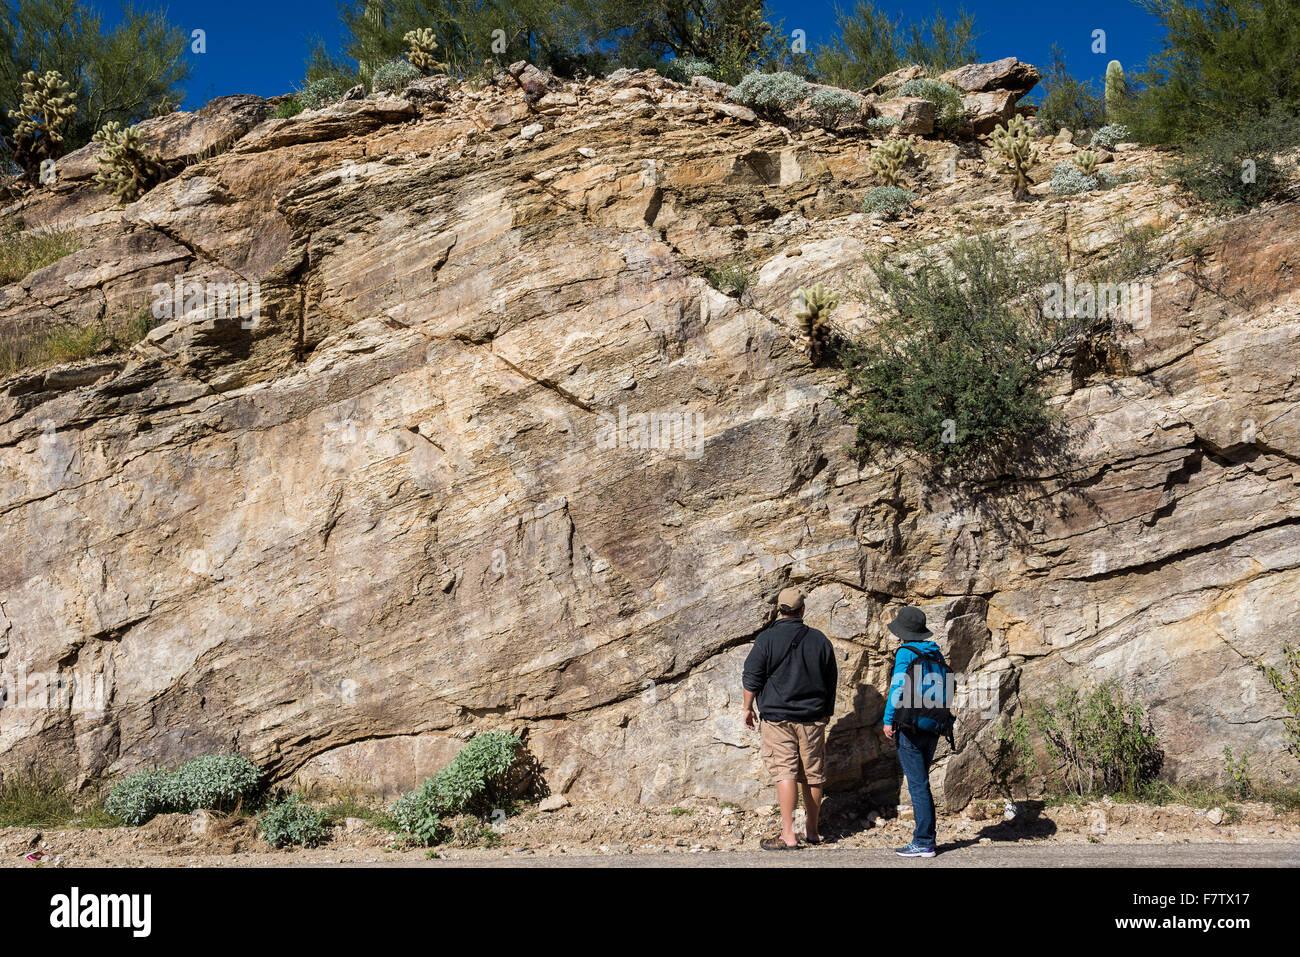 Étude des géologues d'affleurements rocheux du mont Lemmon, Tucson, Arizona, USA. Photo Stock